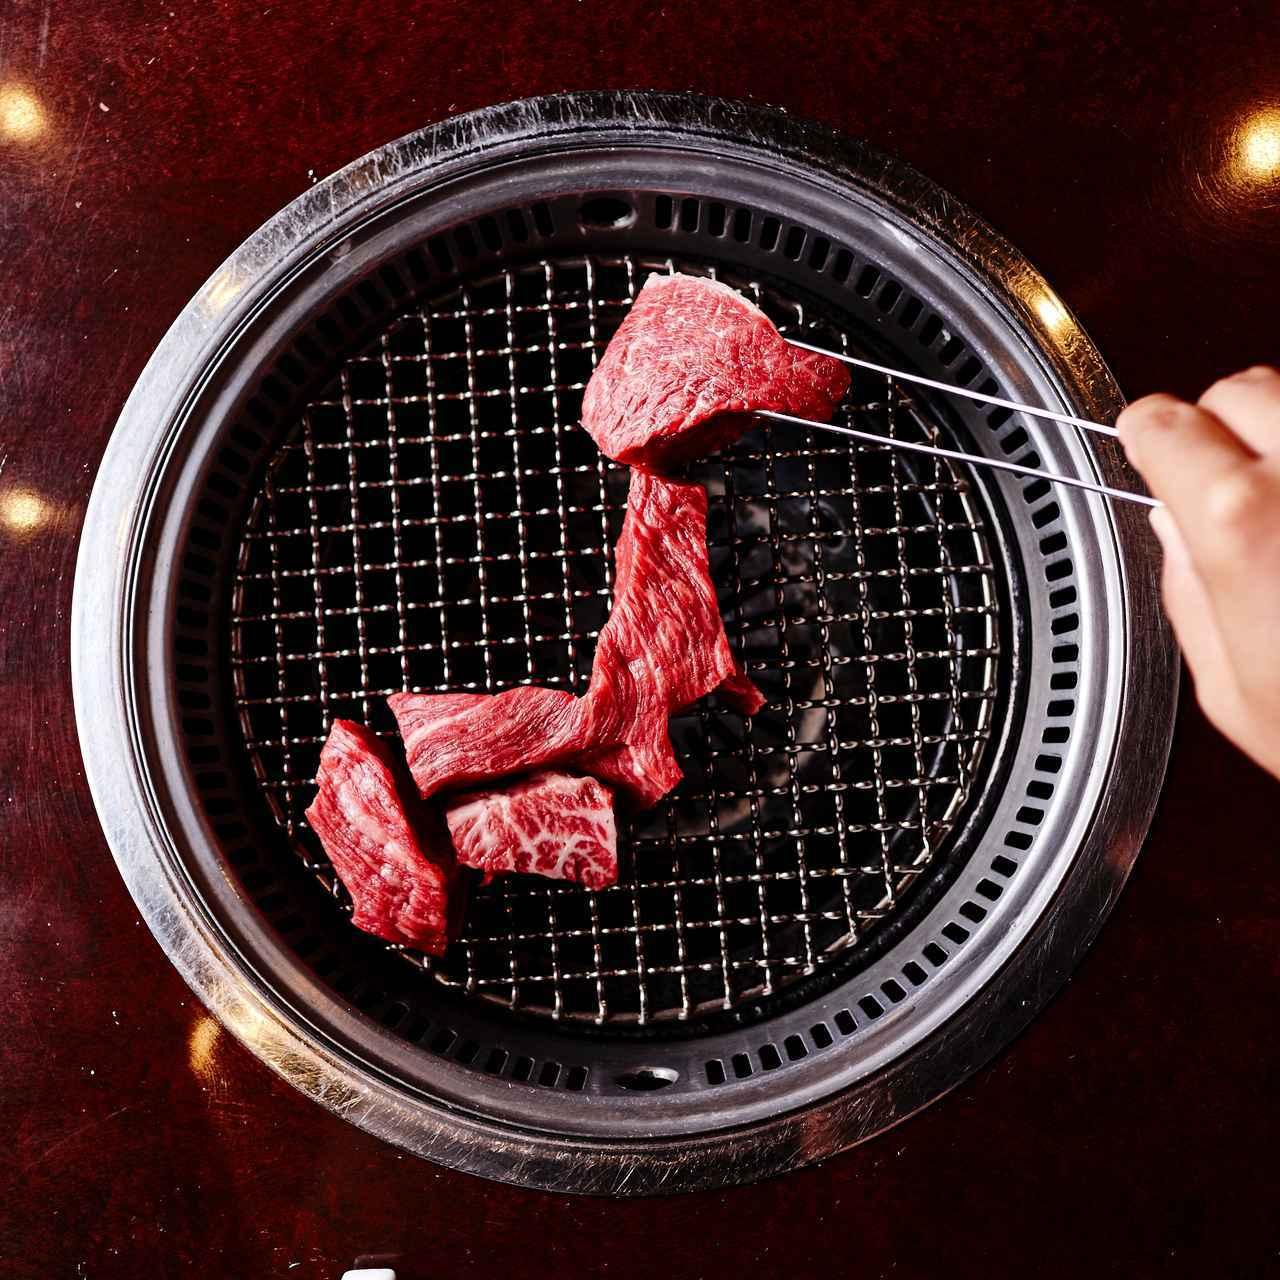 画像: スタミナがついて日本中どこで食べても美味しい焼肉は、プロゴルファーに人気の夕食メニューのひとつ